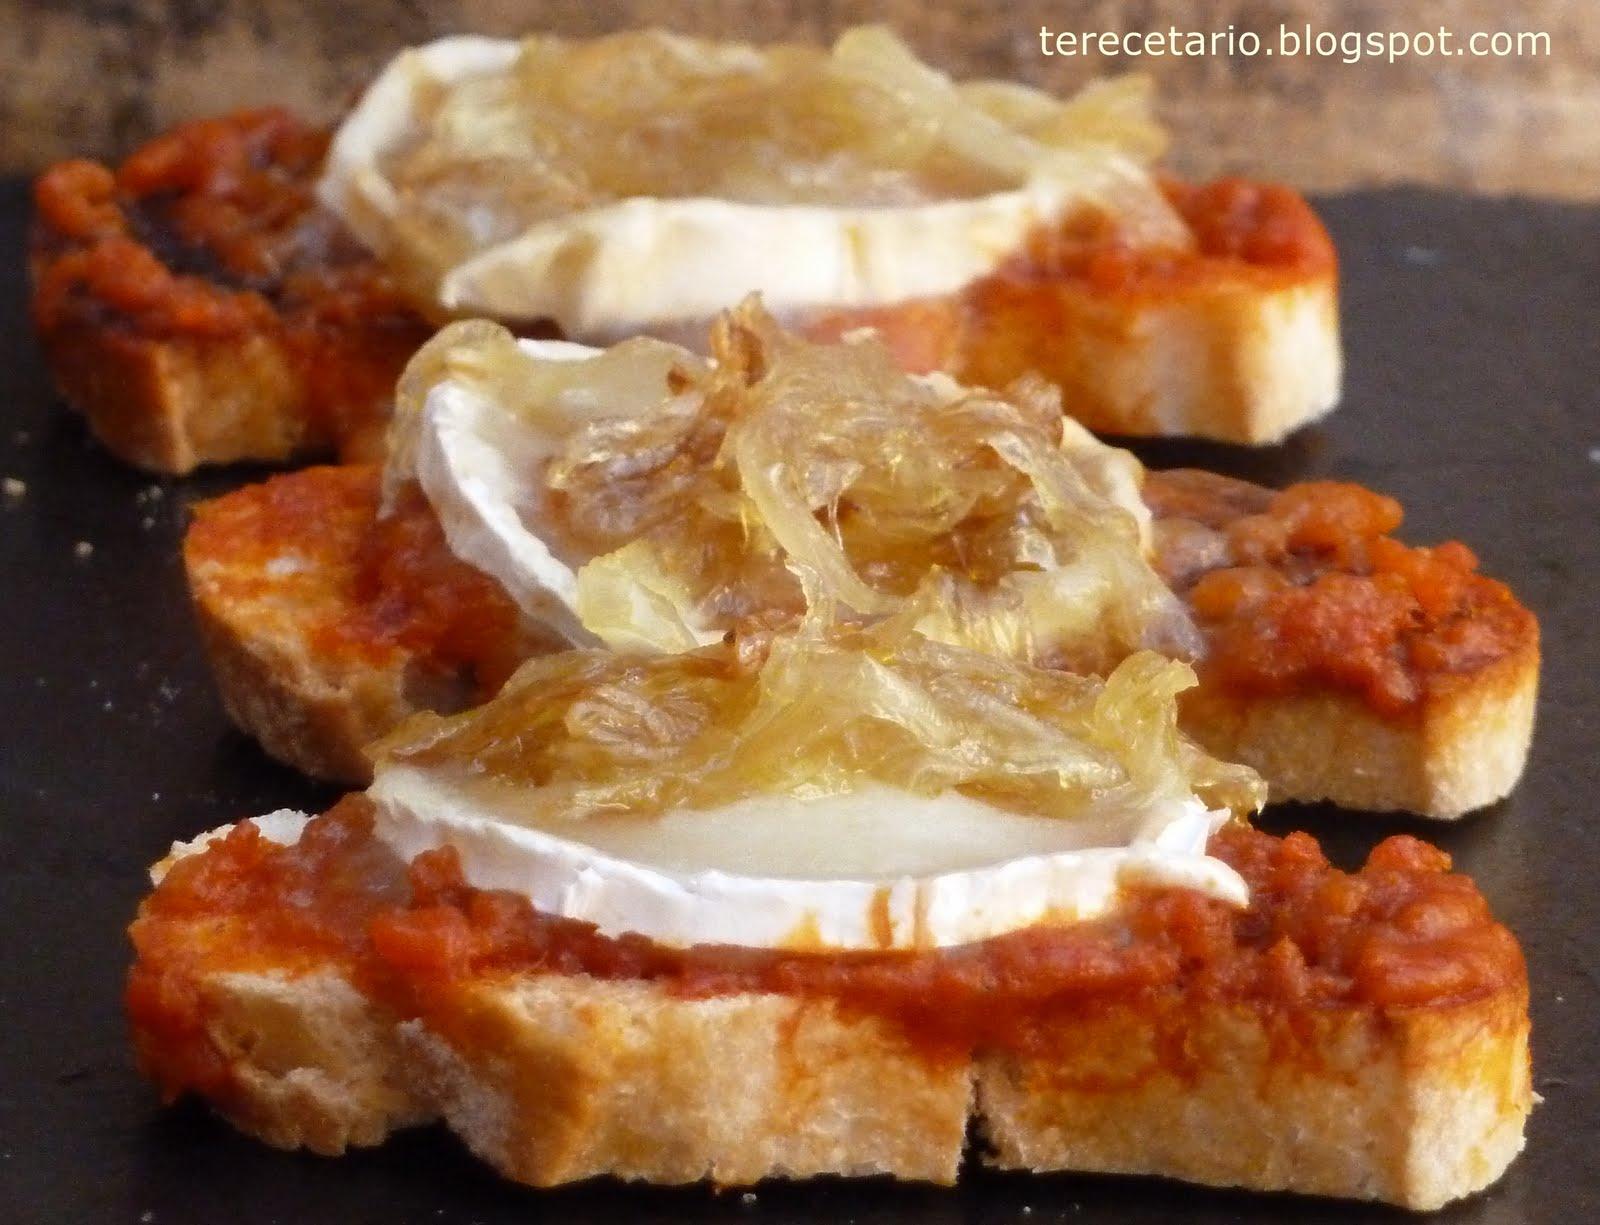 Terecetario tosta de sobrasada rulo de cabra y cebolla - Queso de cabra y colesterol ...